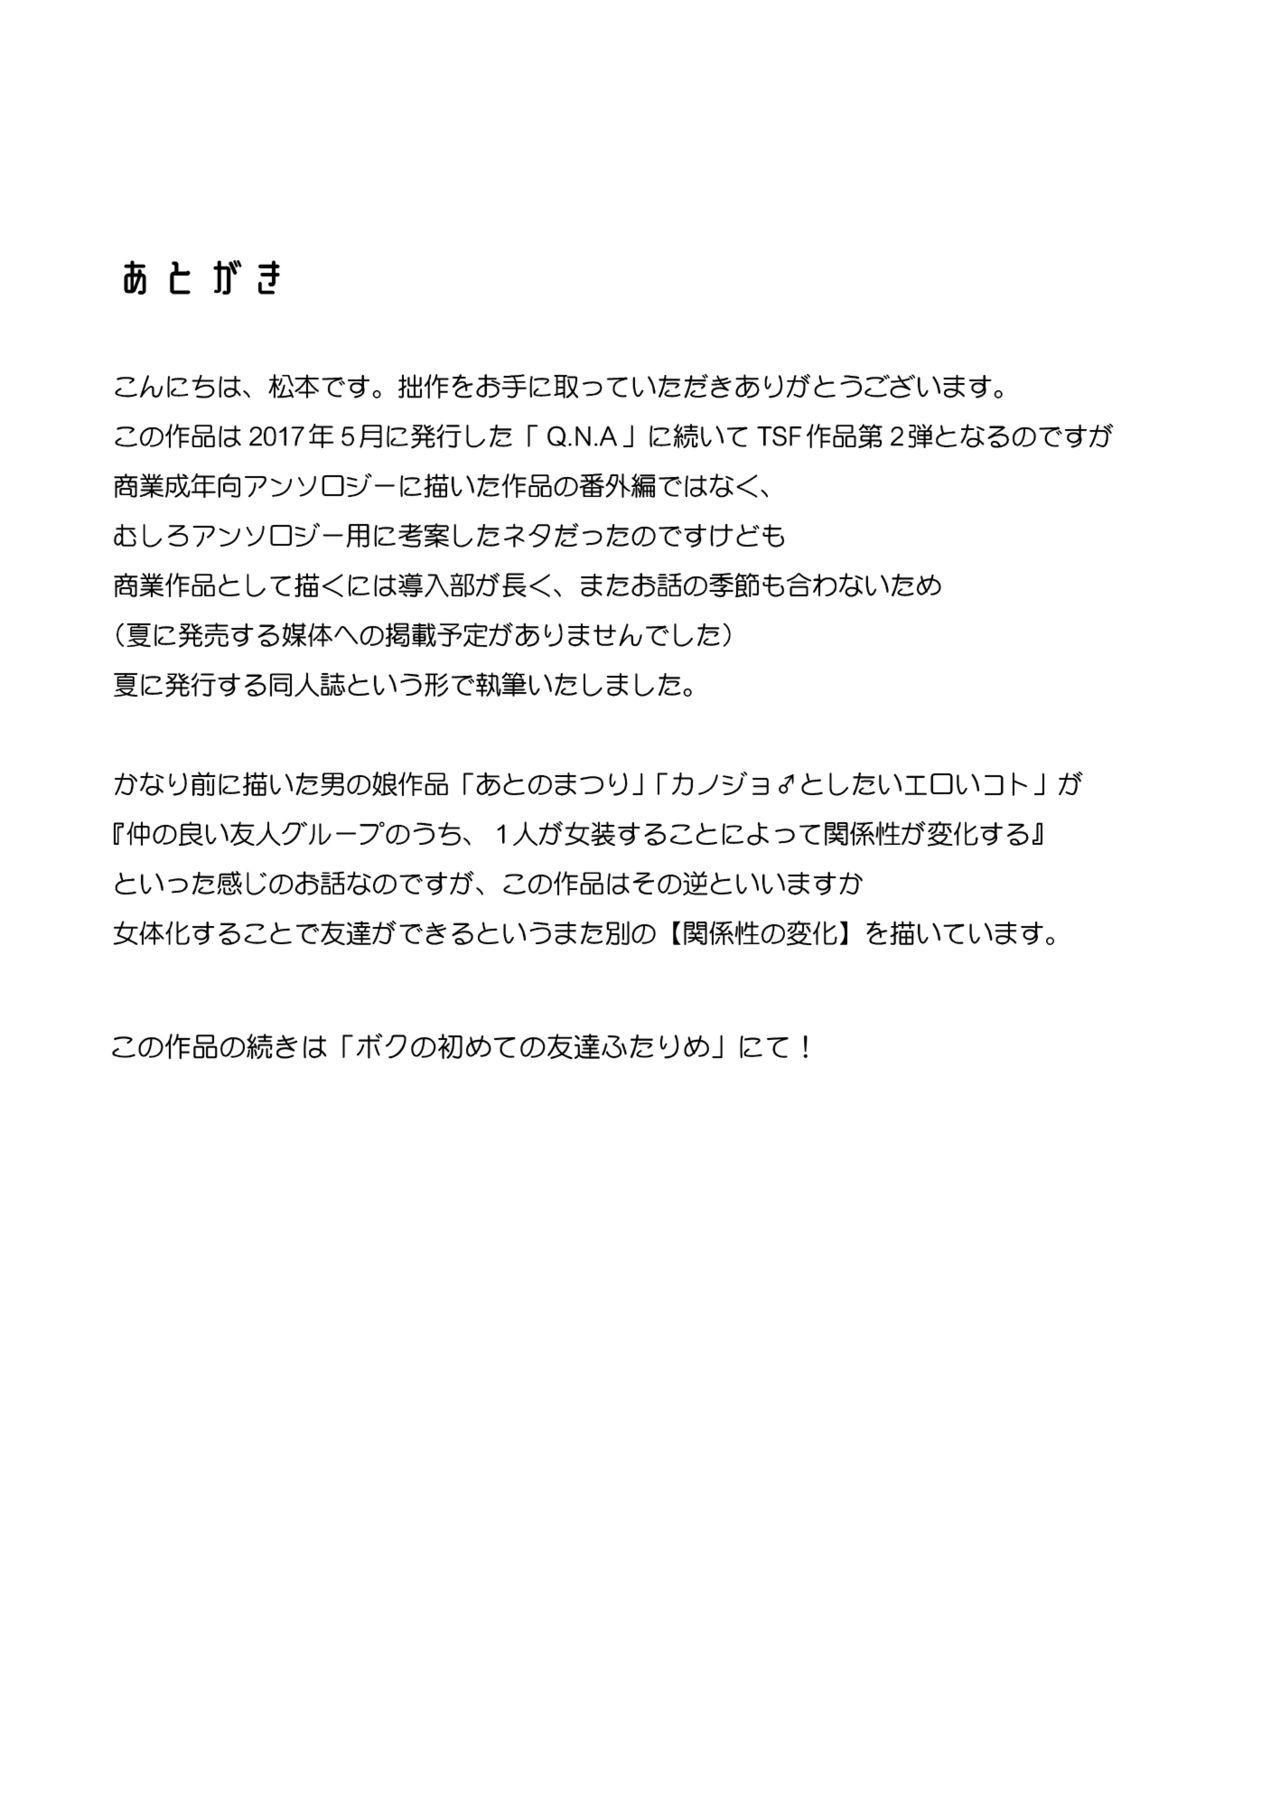 Boku no Hajimete no Tomodachi 27